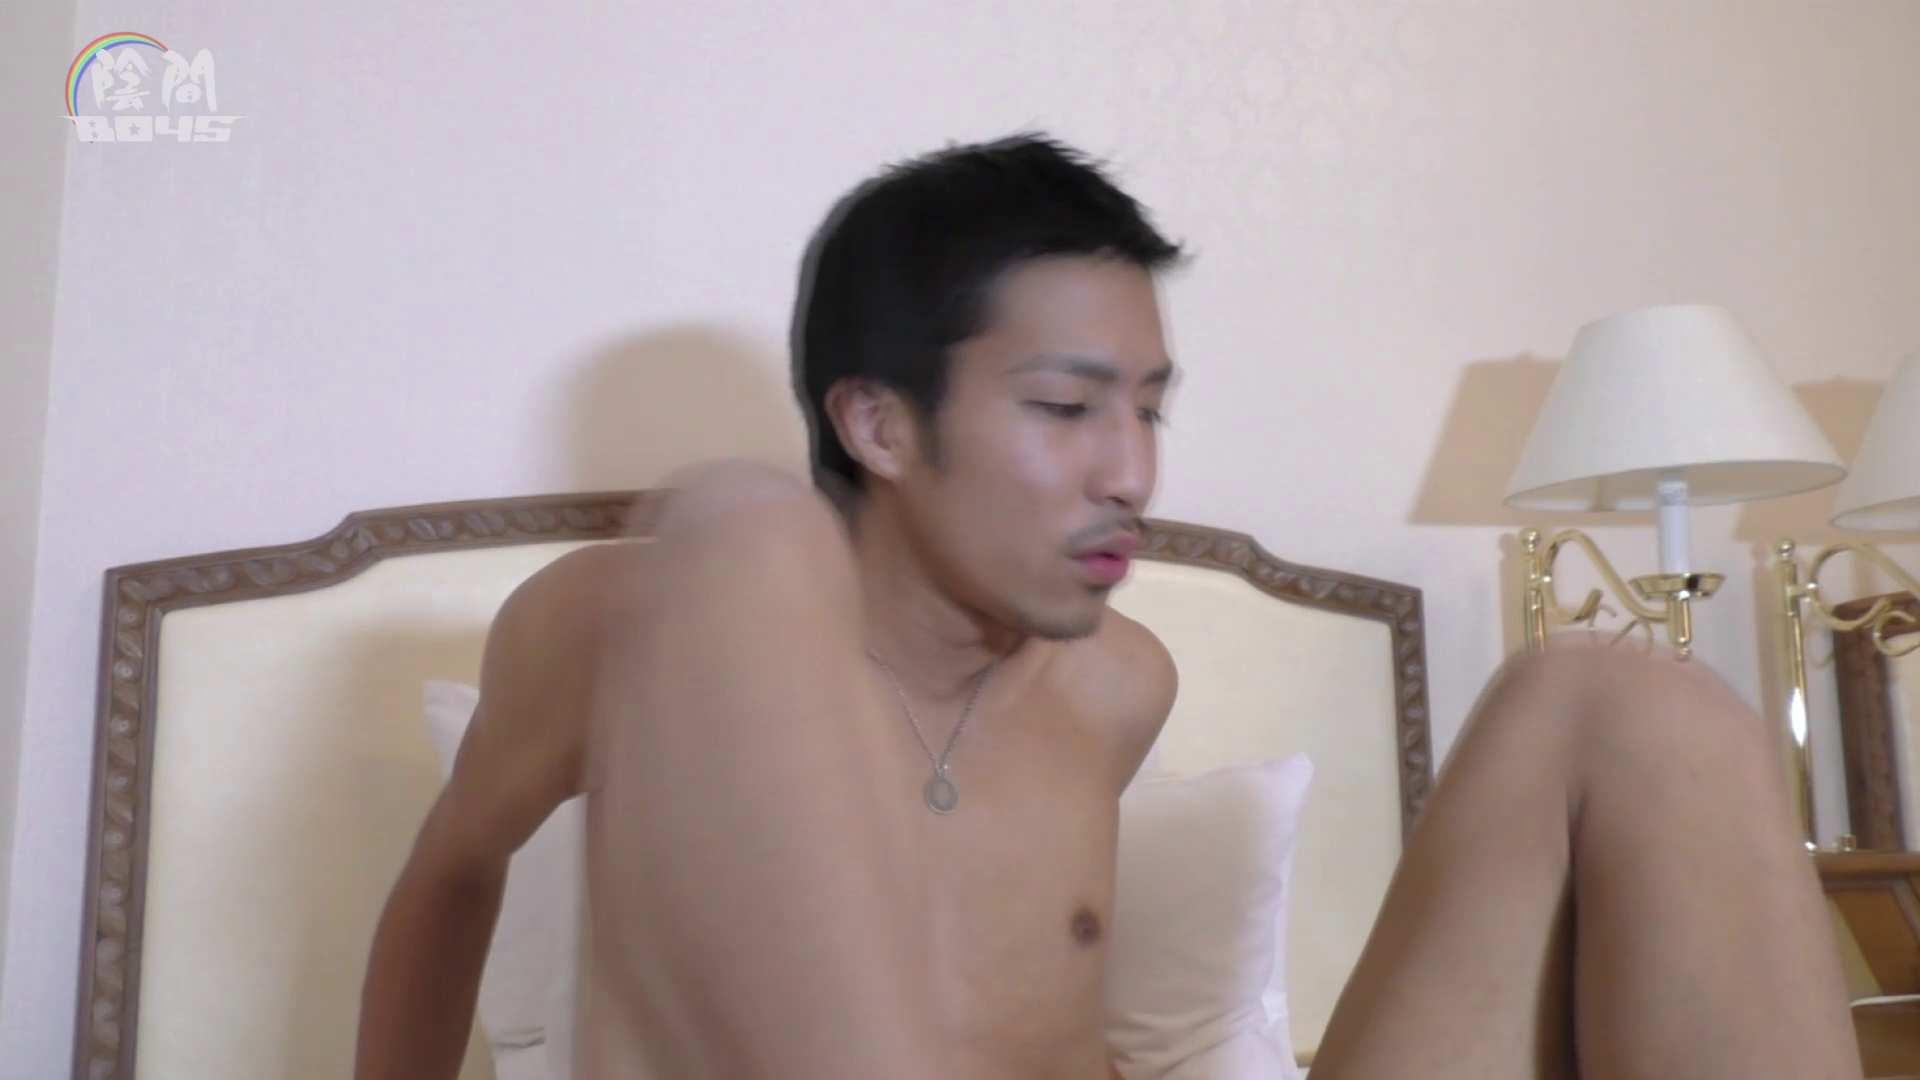 陰間BOYS~「アナルだけは許して…3」~05 生入最高 ゲイセックス画像 105枚 23